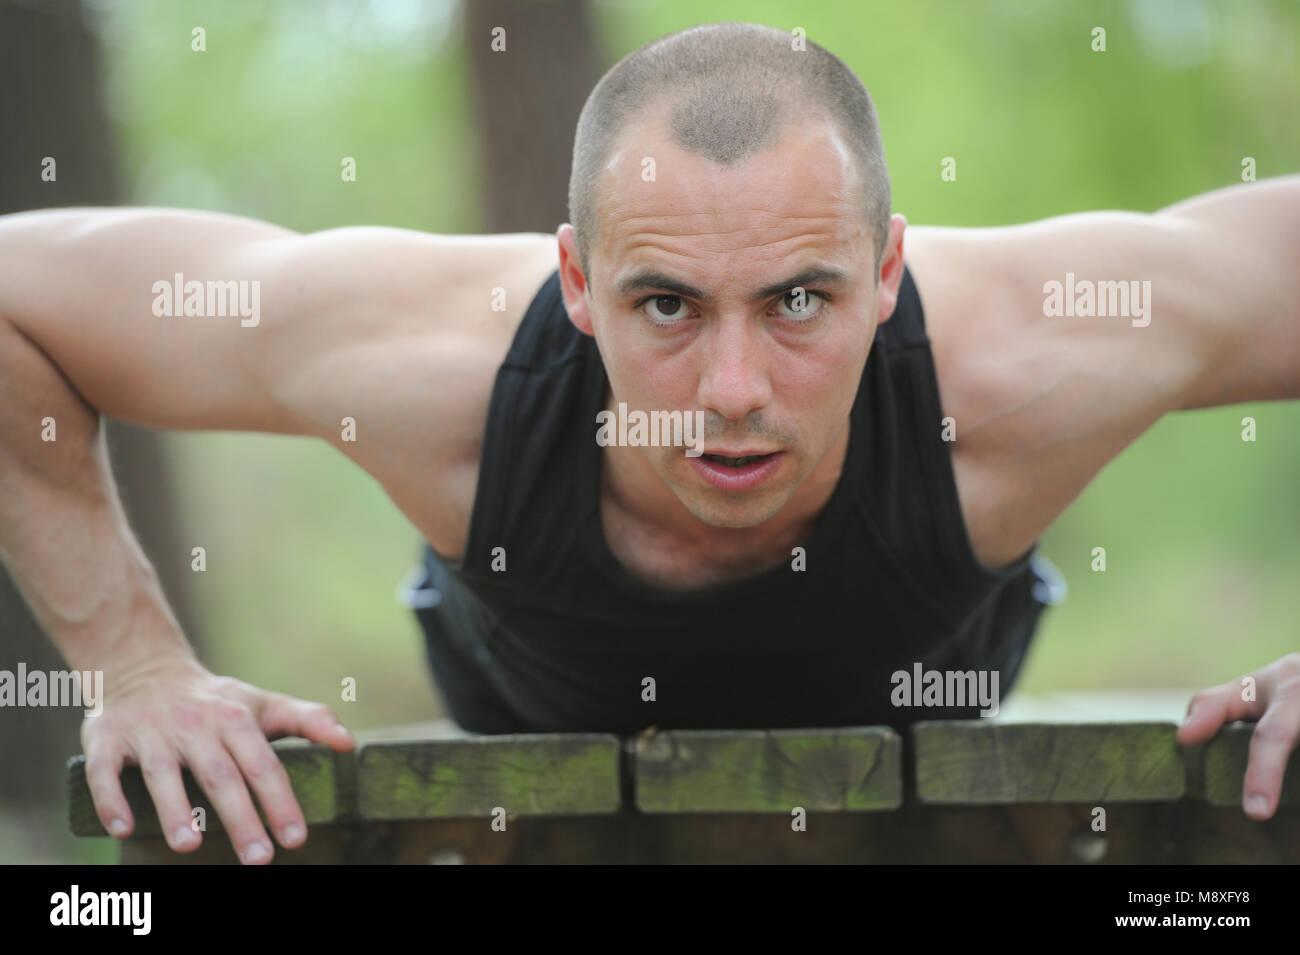 Jeune homme musclé faisant pushups Photo Stock